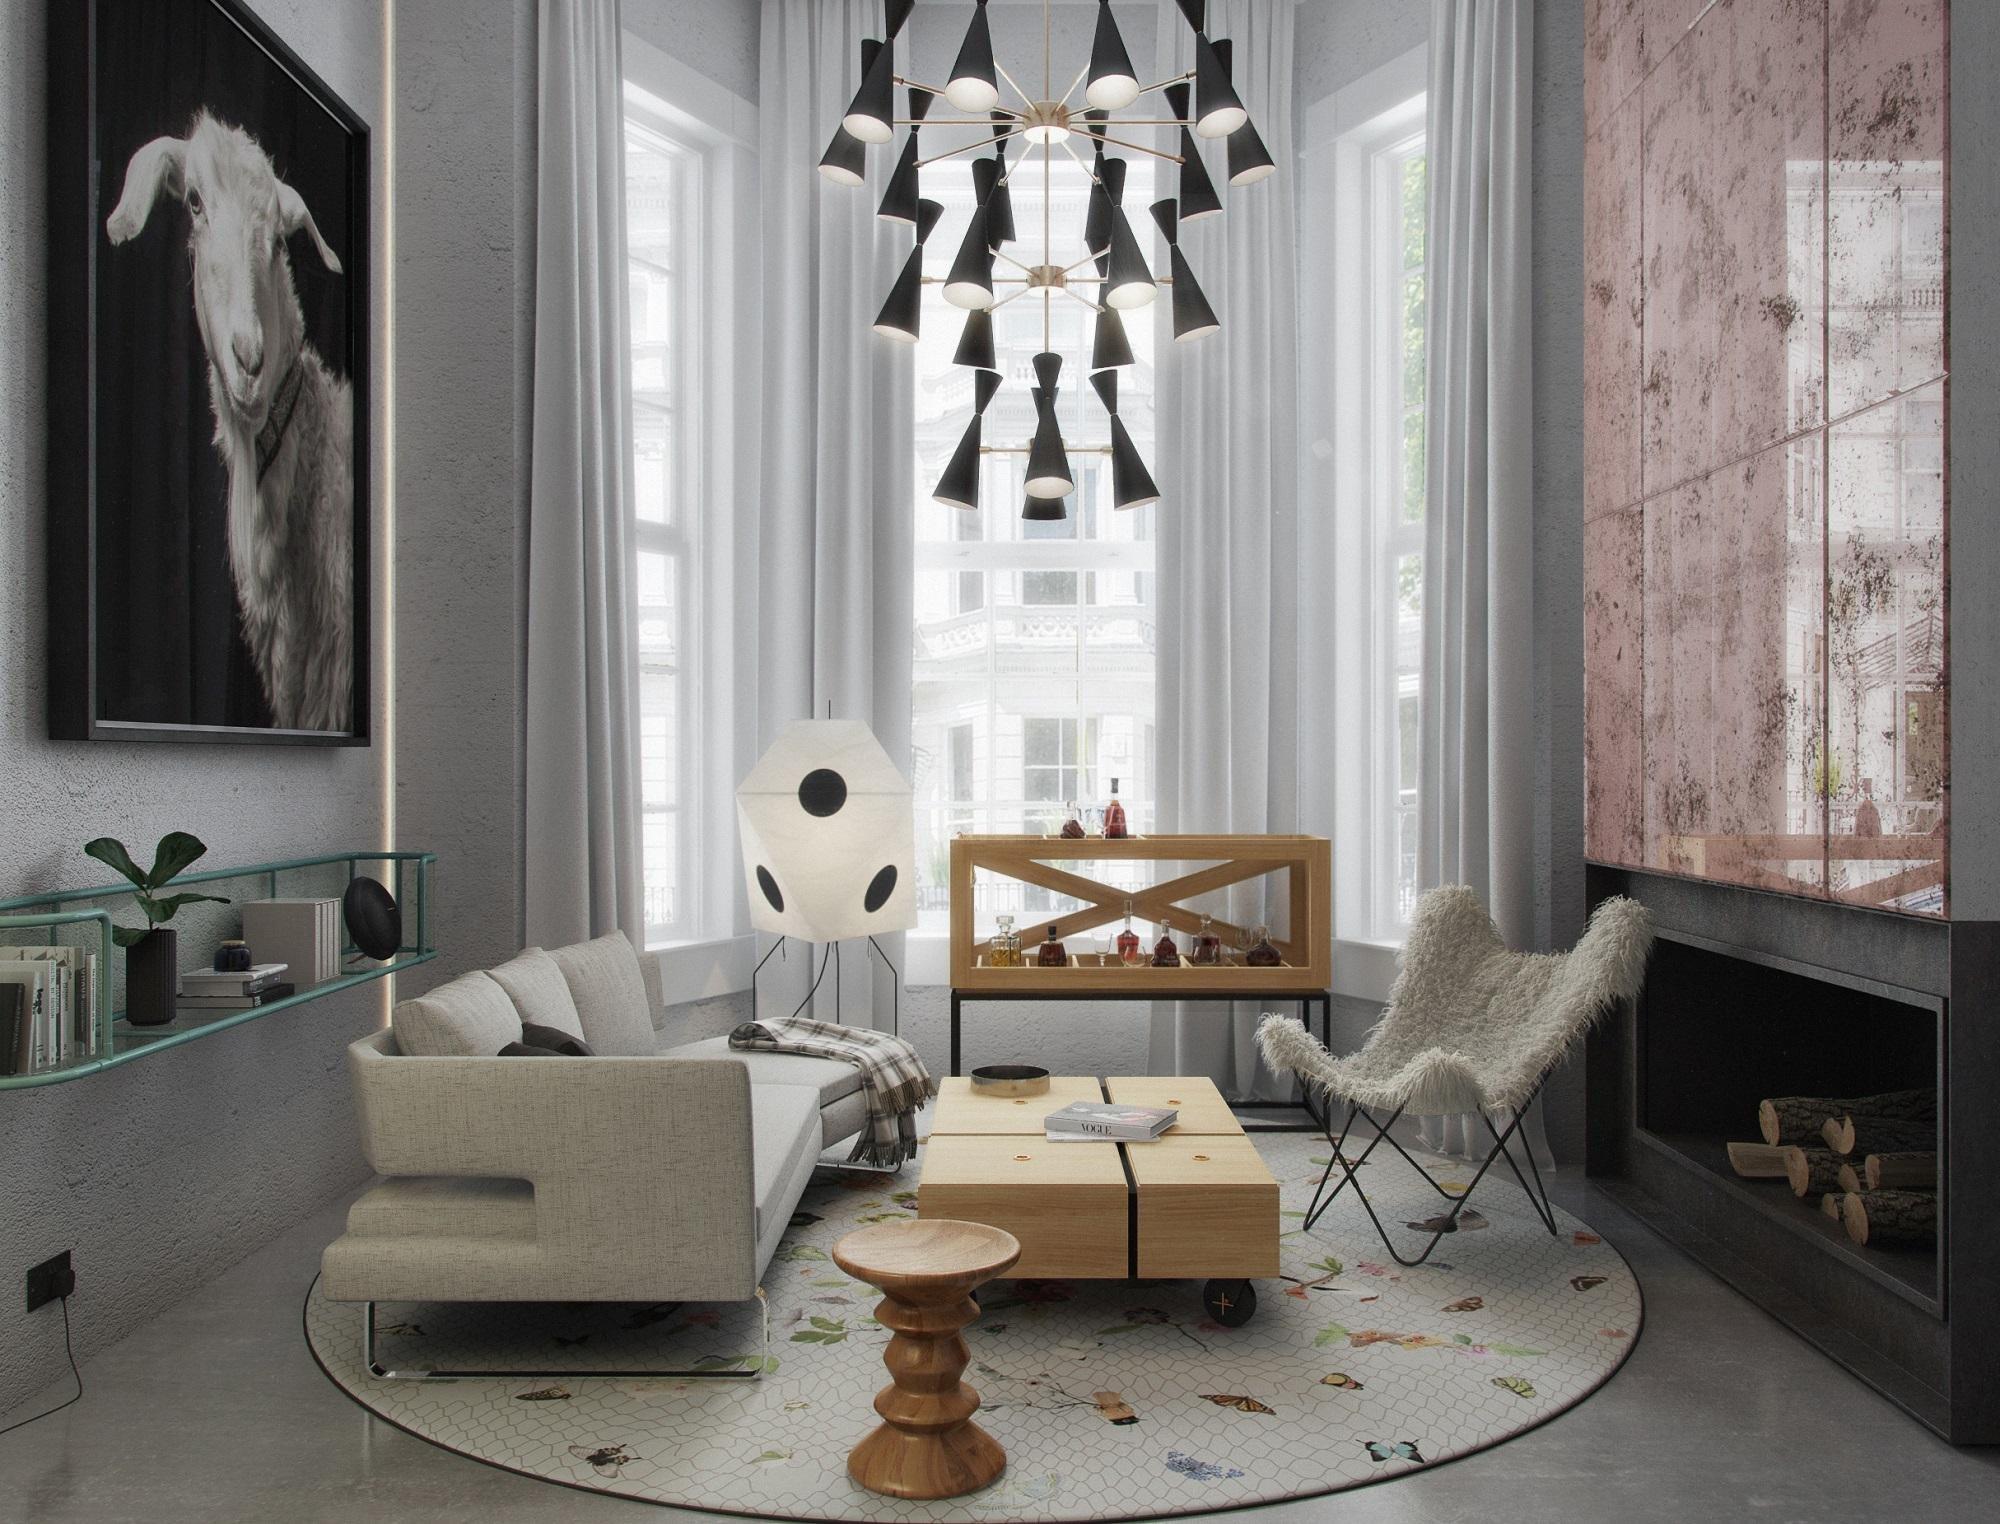 Living Room Art Decor Ideas Elegant asymmetrical Balance Interior Design Wall Art Unique 60 Inspirational Living Room Decor Ideas